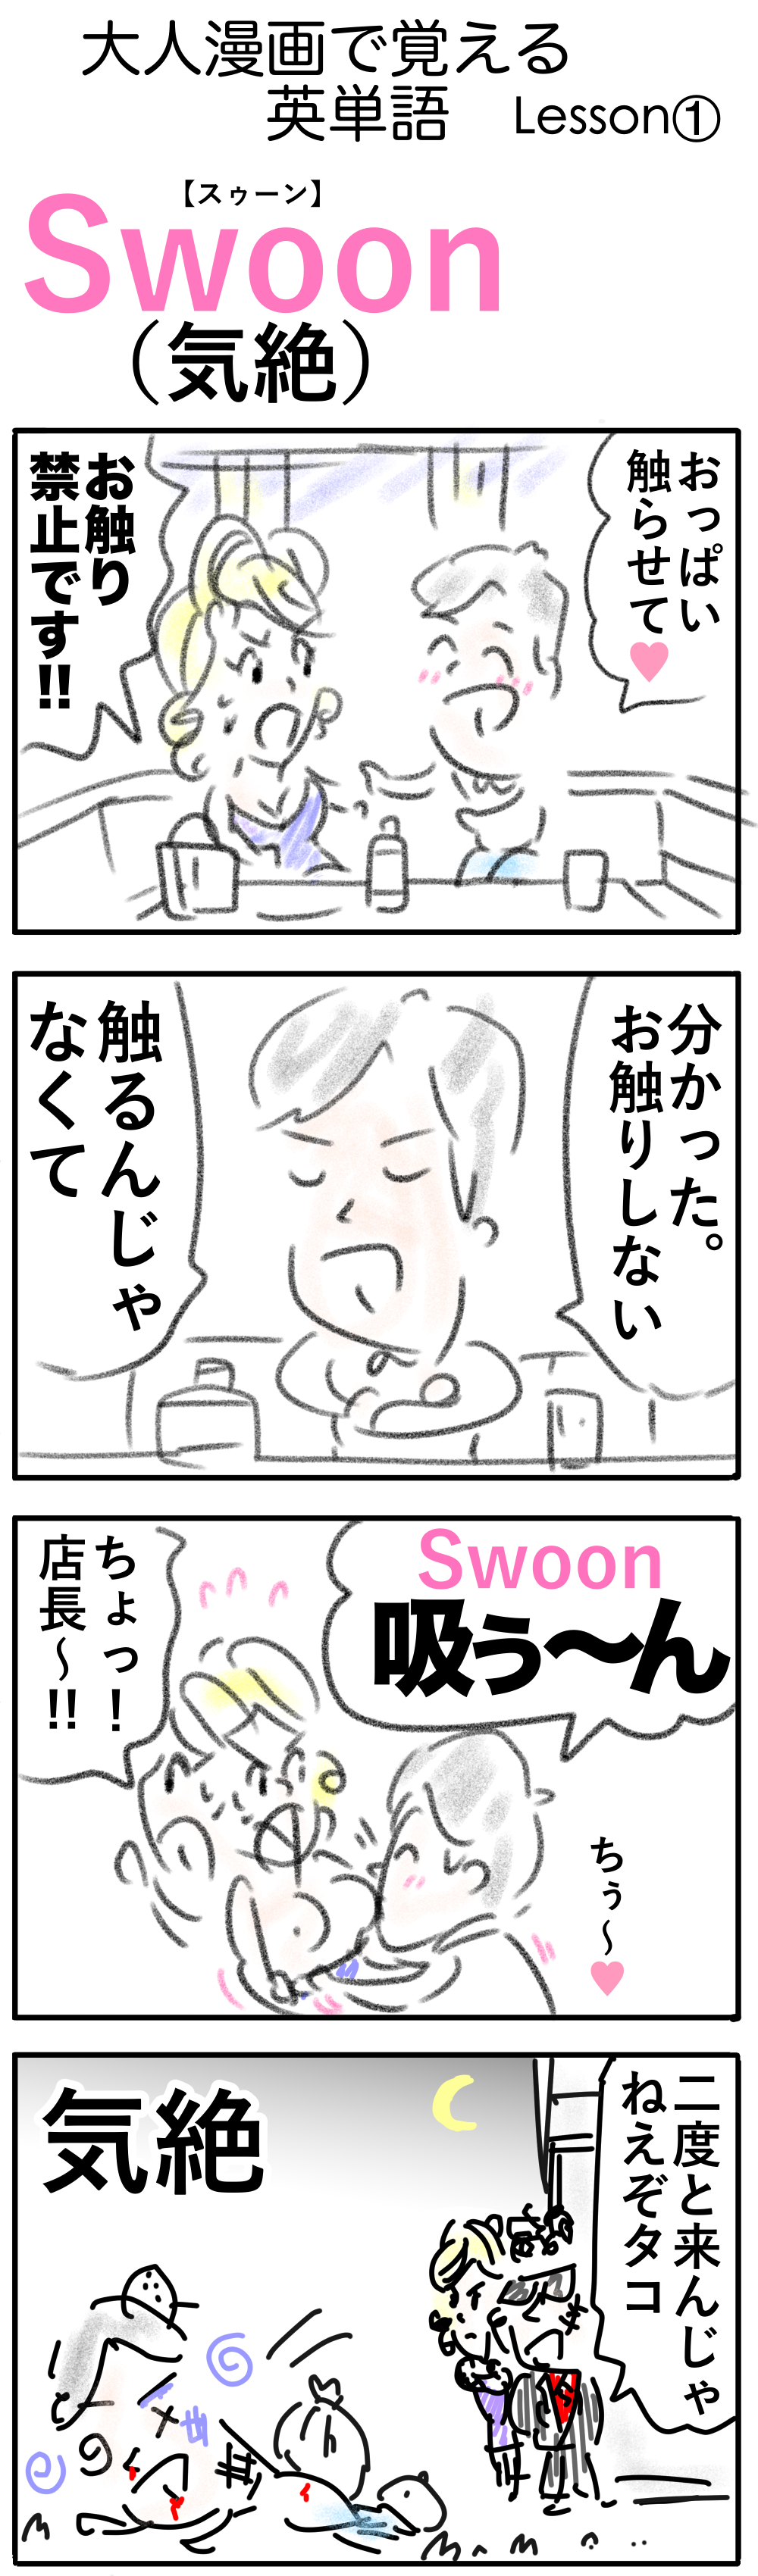 大人漫画で覚える英単語【swoon】